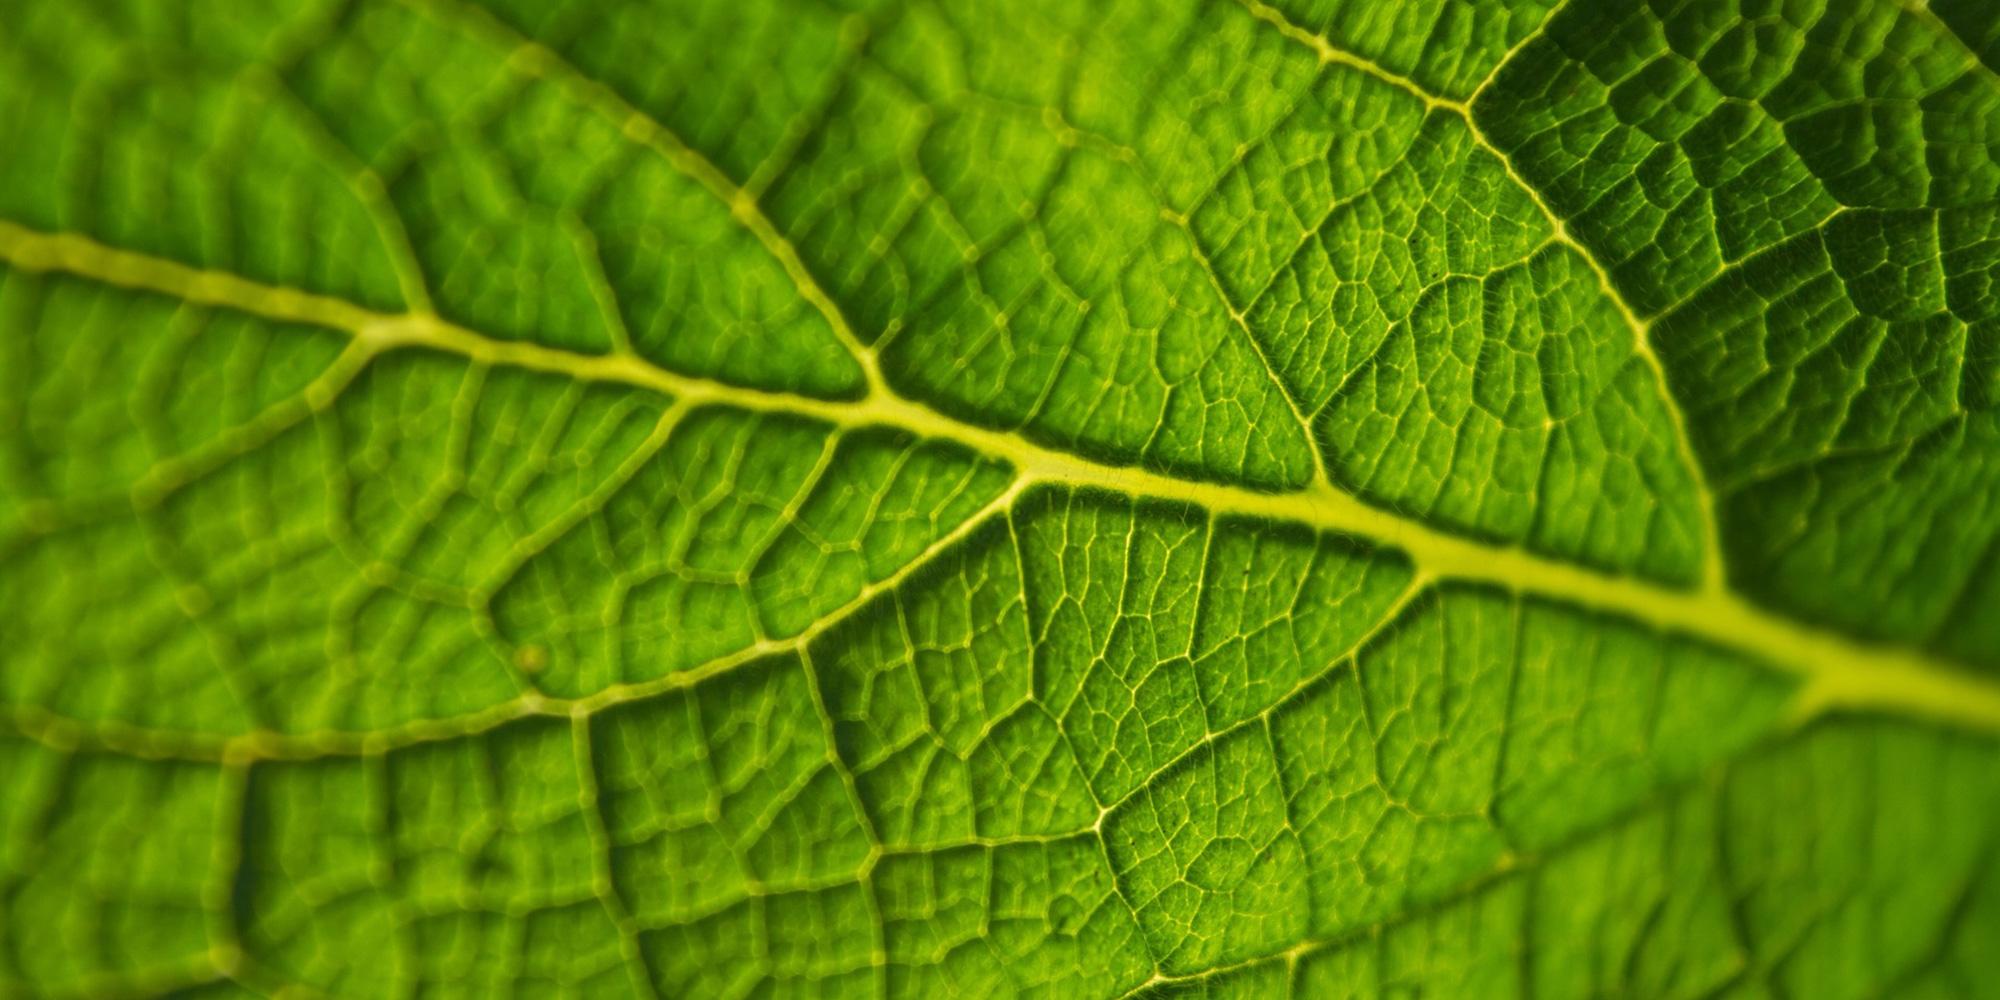 leaf-691754_1920